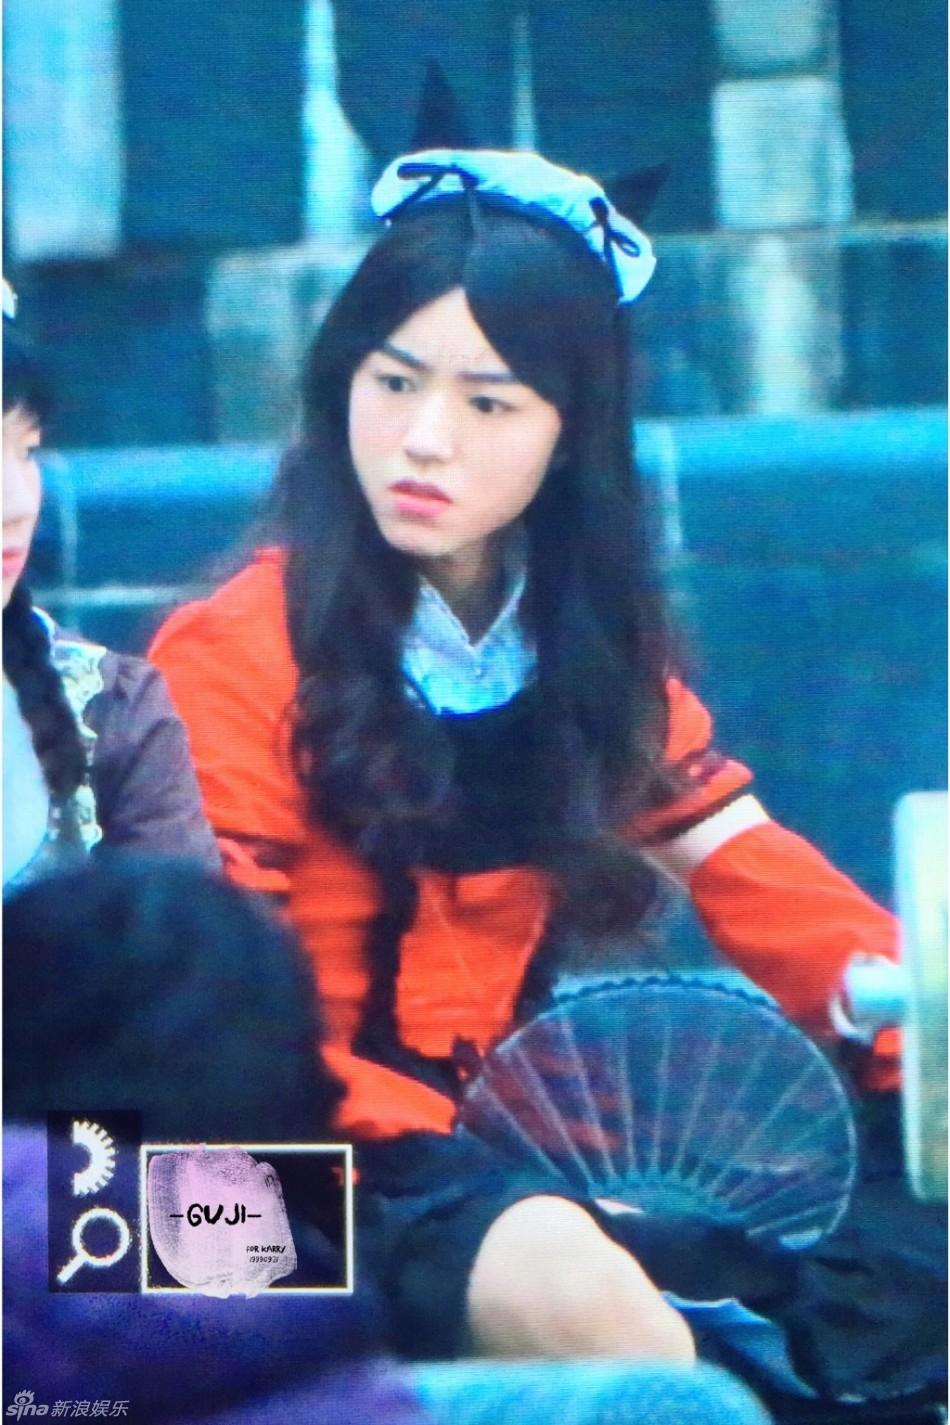 日本最美小学生模样超可爱 网友 愿等她15年 图 9